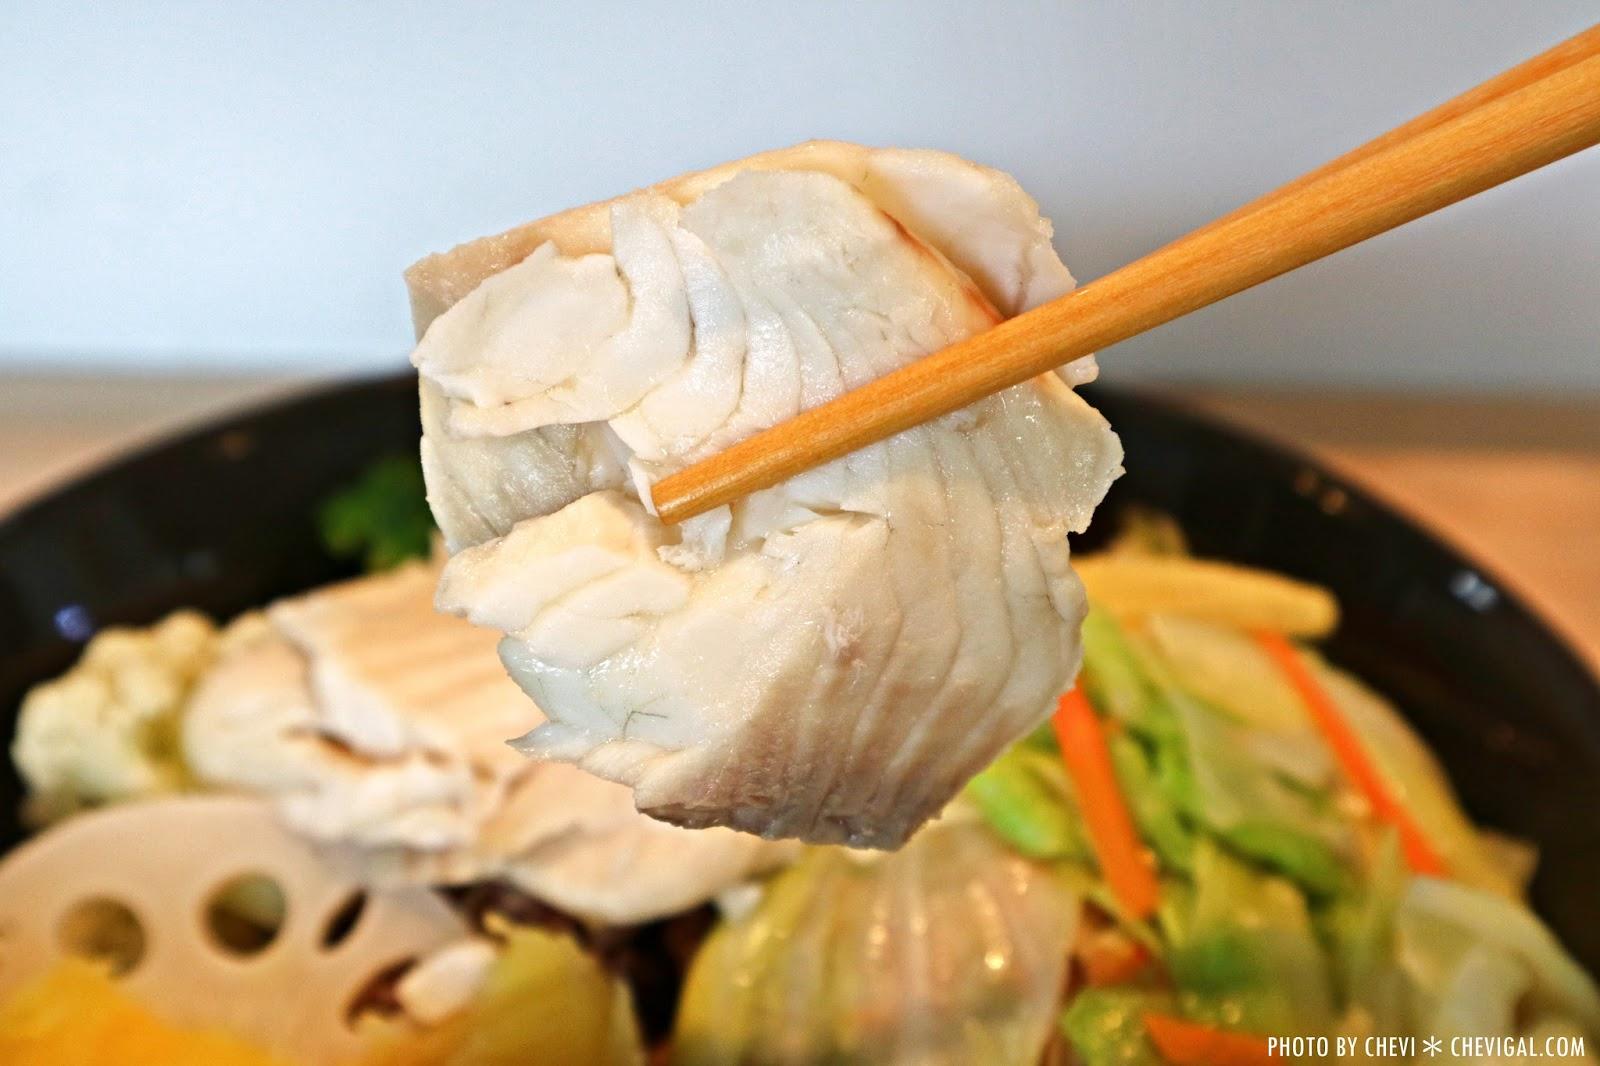 IMG 9620 - 糧倉 纖健水煮,隱身在柳川西路的文青小店。清爽水煮料理讓你吃到鮮甜原味